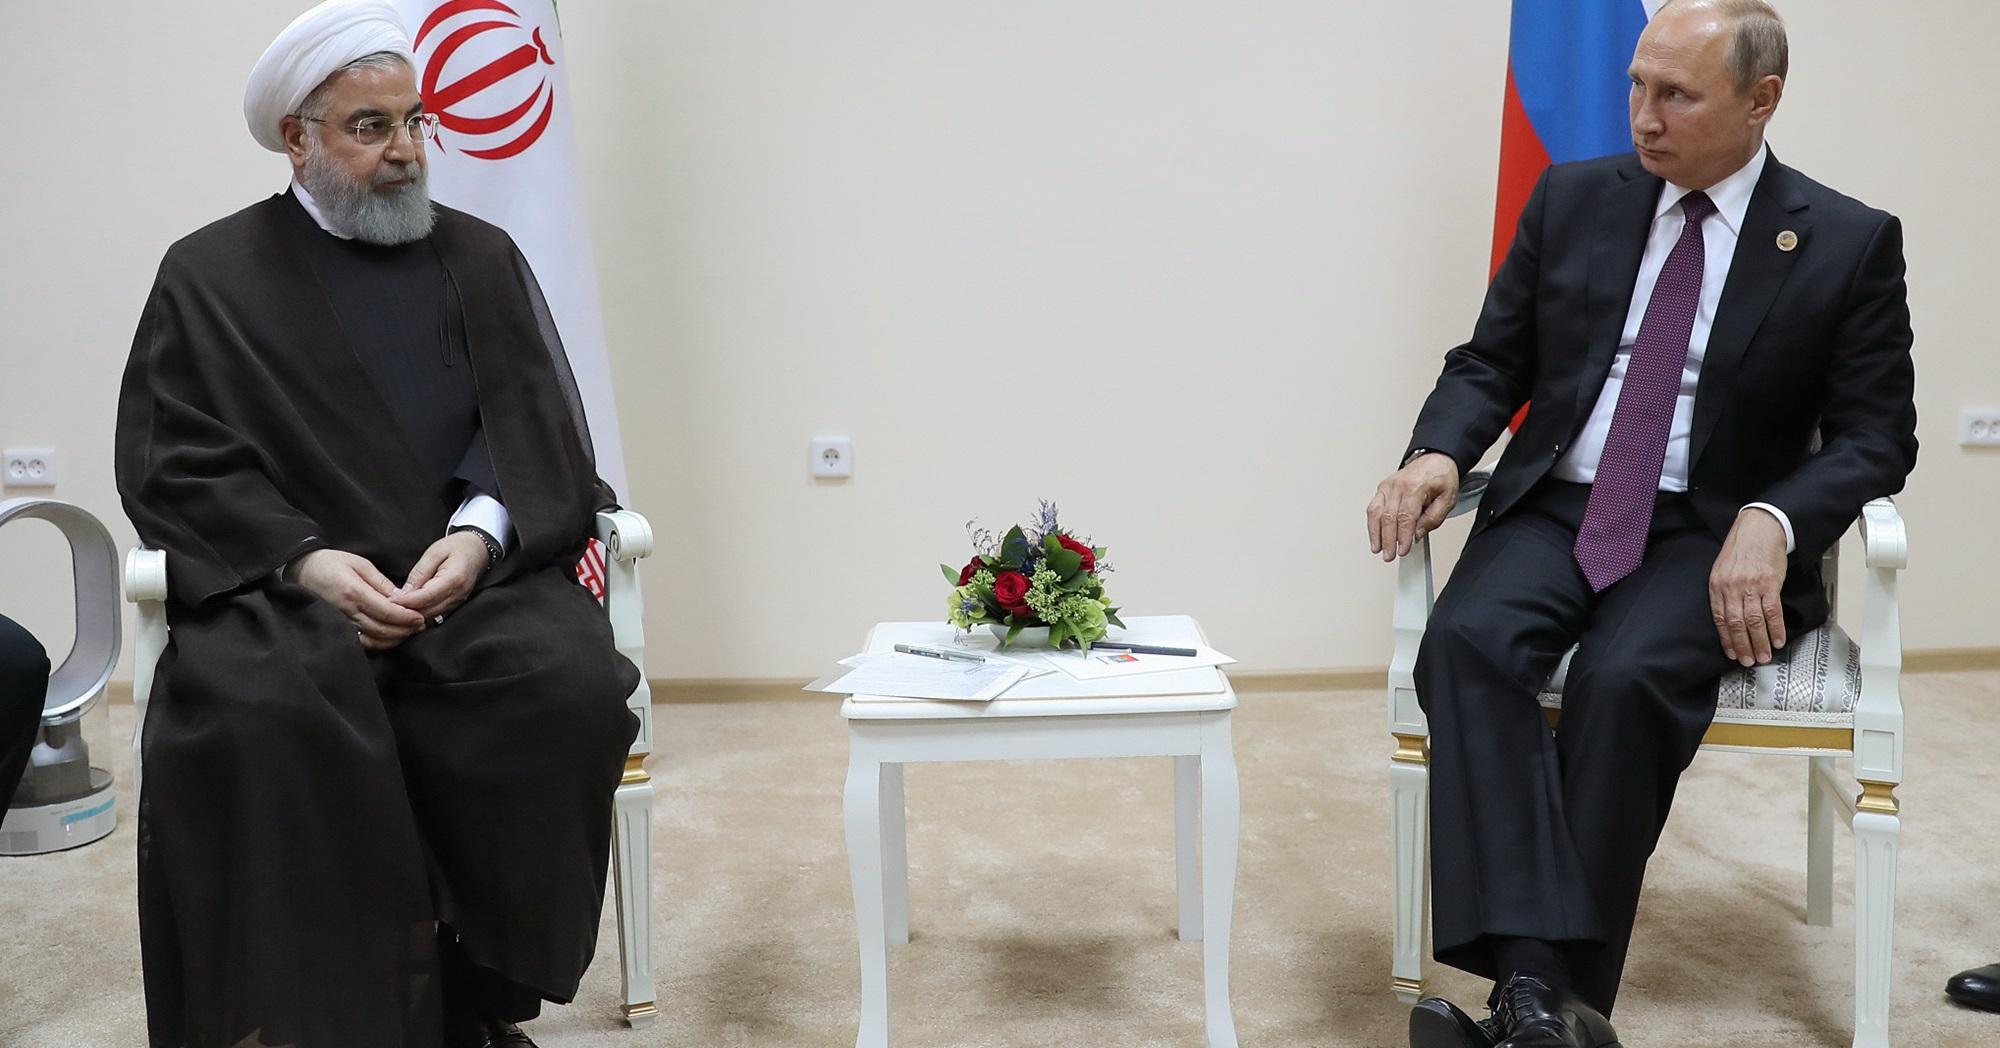 رایزنی روحانی و پوتین درباره مهمترین مسائل دوجانبه، منطقهای و بینالمللی/ ضرورت تلاش برای حفظ و استحکام برجام+تصاویر